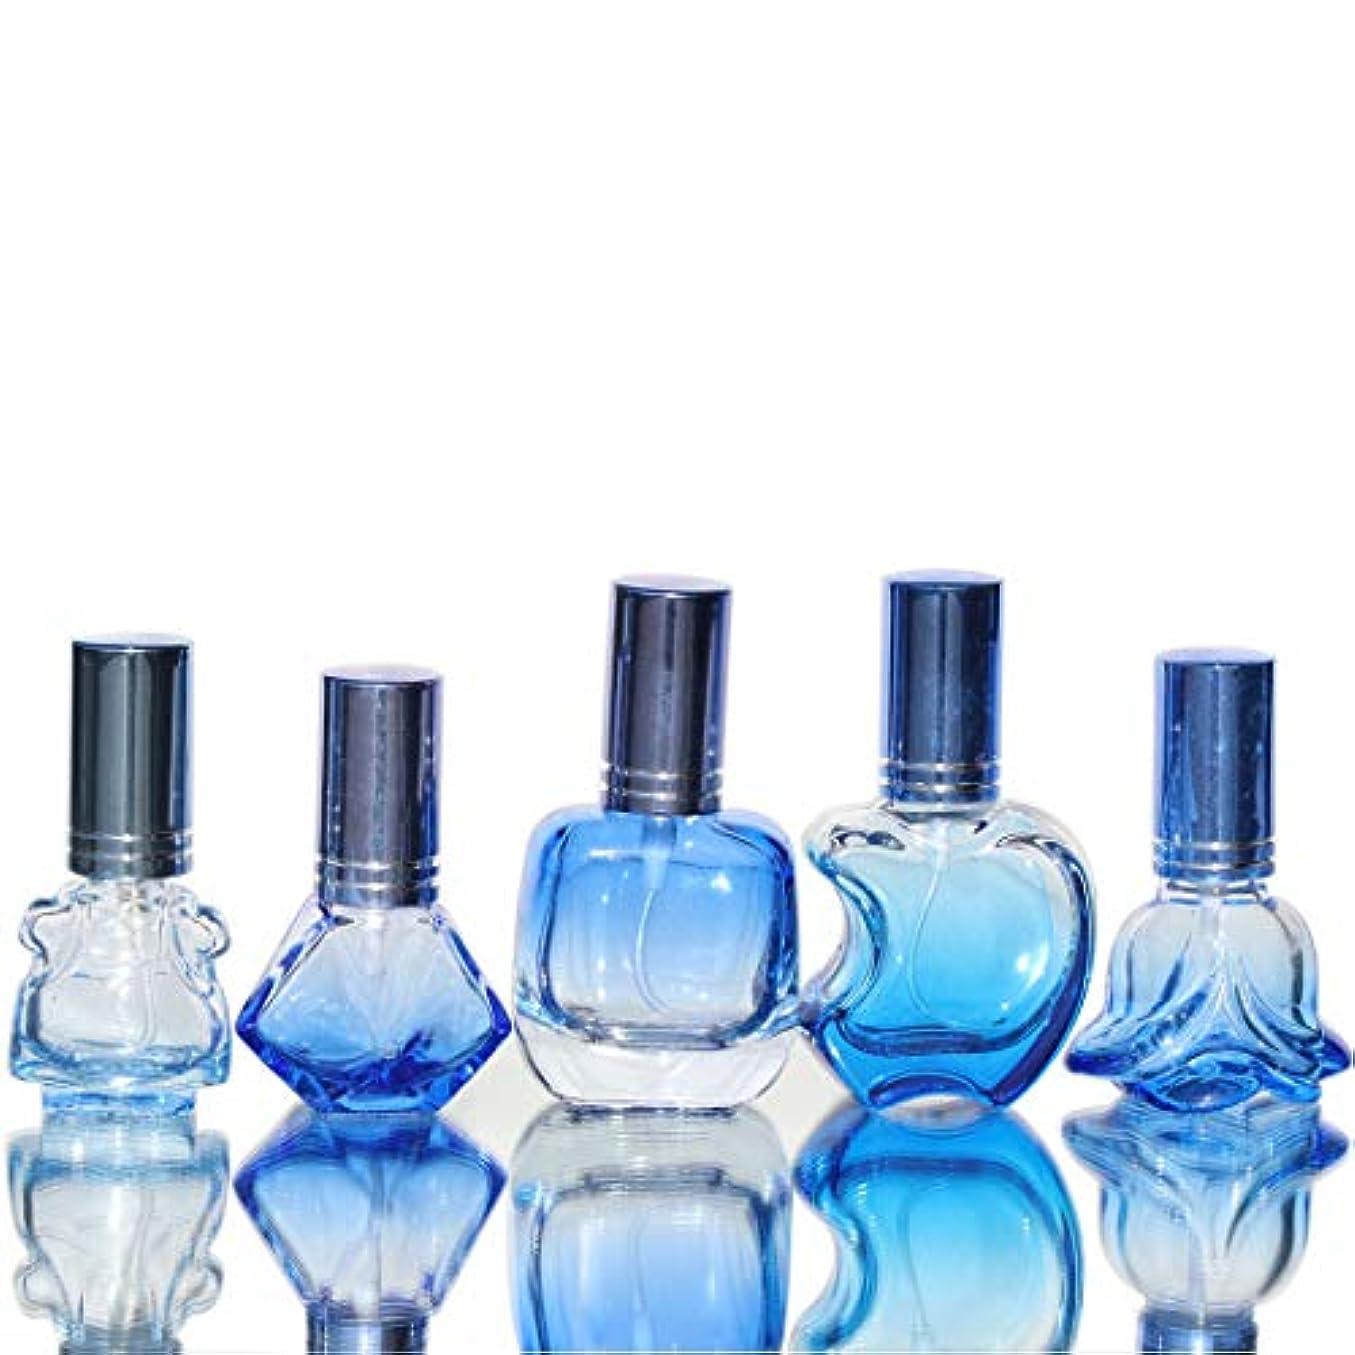 細部ポータルの間でWaltz&F カラフル ガラス製香水瓶 フレグランスボトル 詰替用瓶 空き アトマイザー 分け瓶 旅行用品 化粧水用瓶